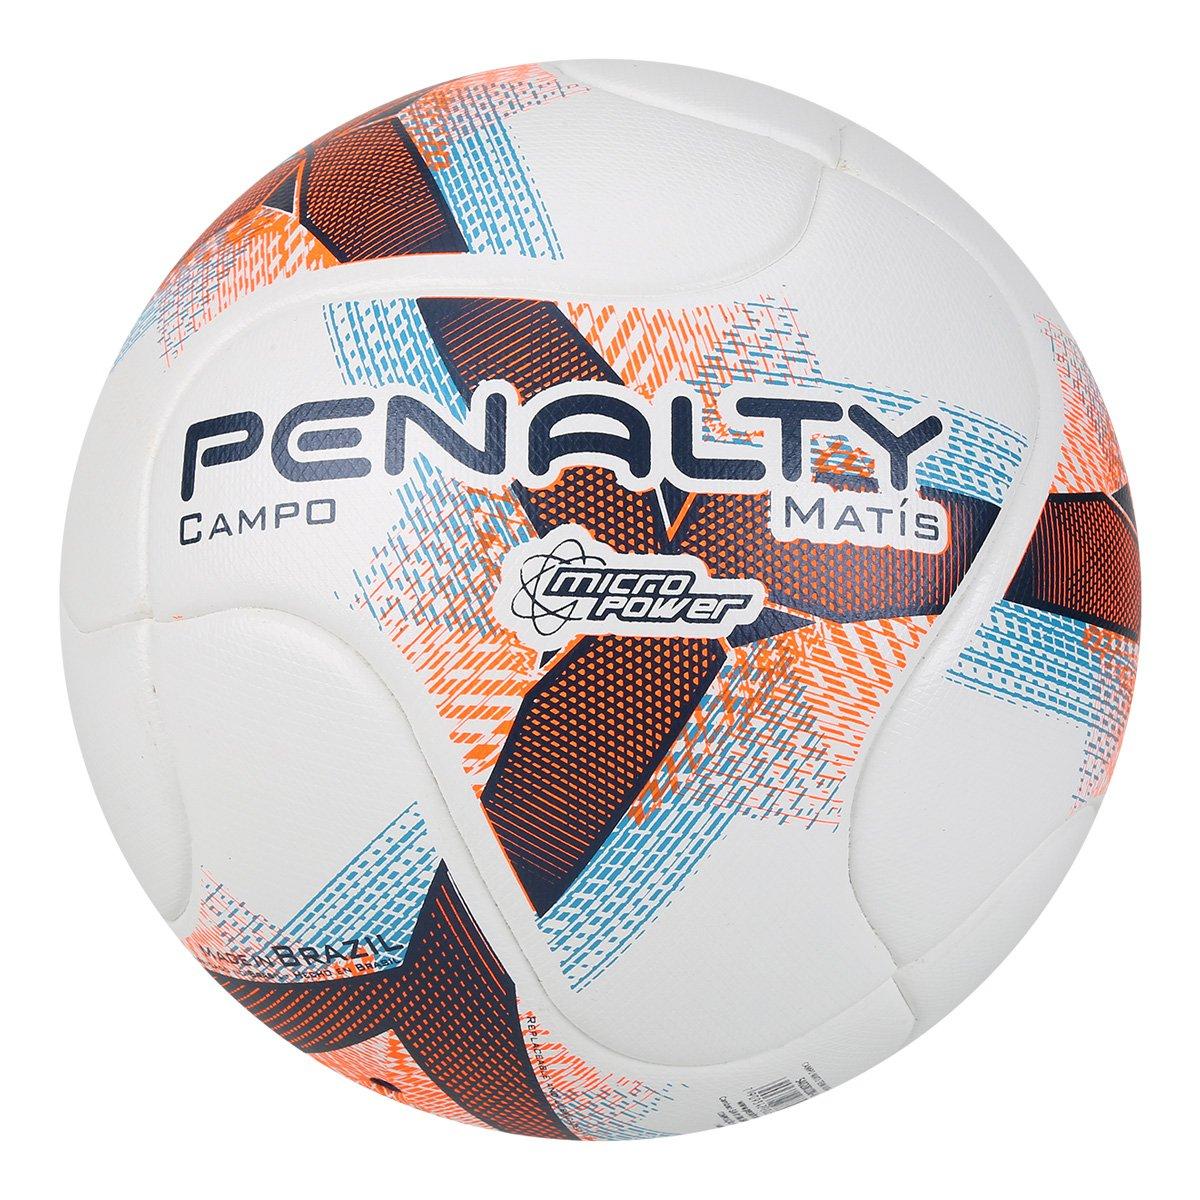 9fcf4eacfd Bola Campo Penalty Matis Termotec VIII